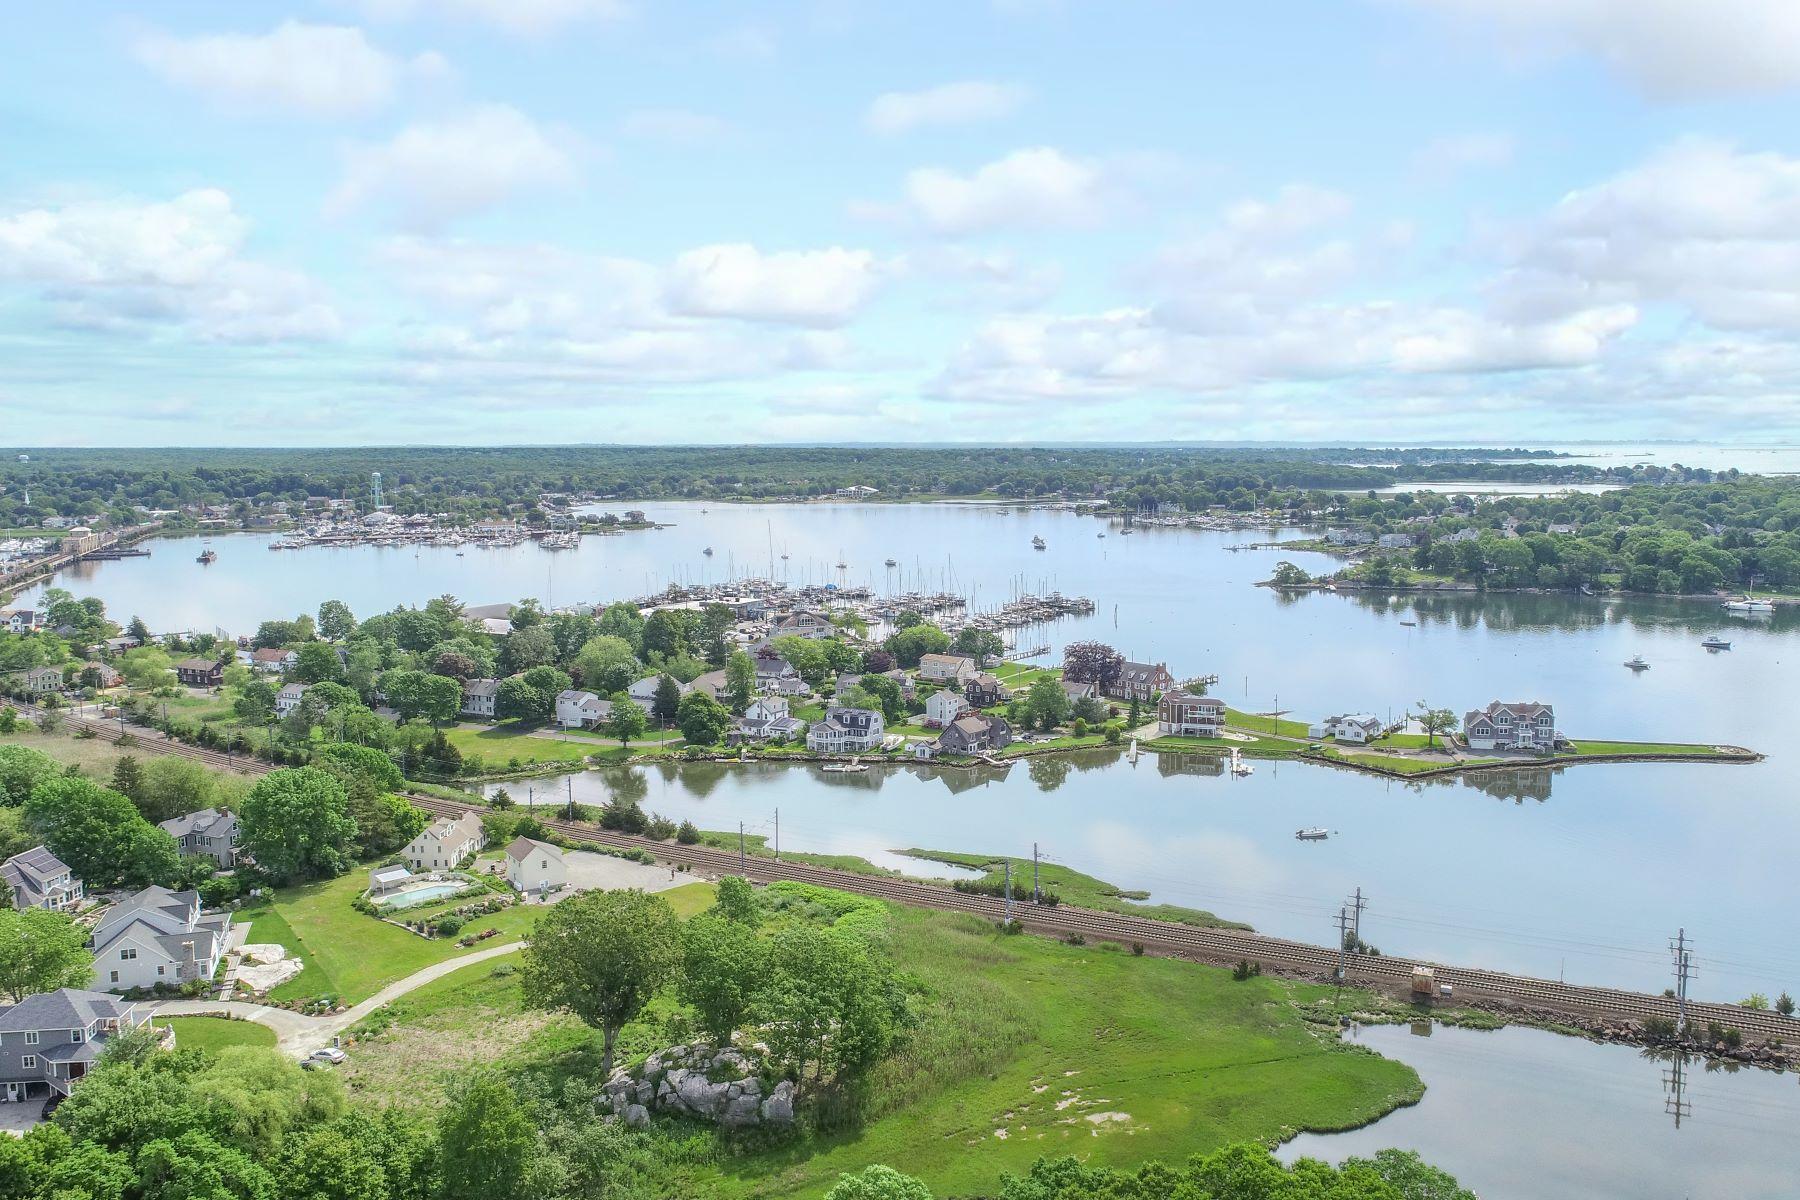 土地,用地 为 销售 在 504 Noank Road 格罗顿, 康涅狄格州 06340 美国